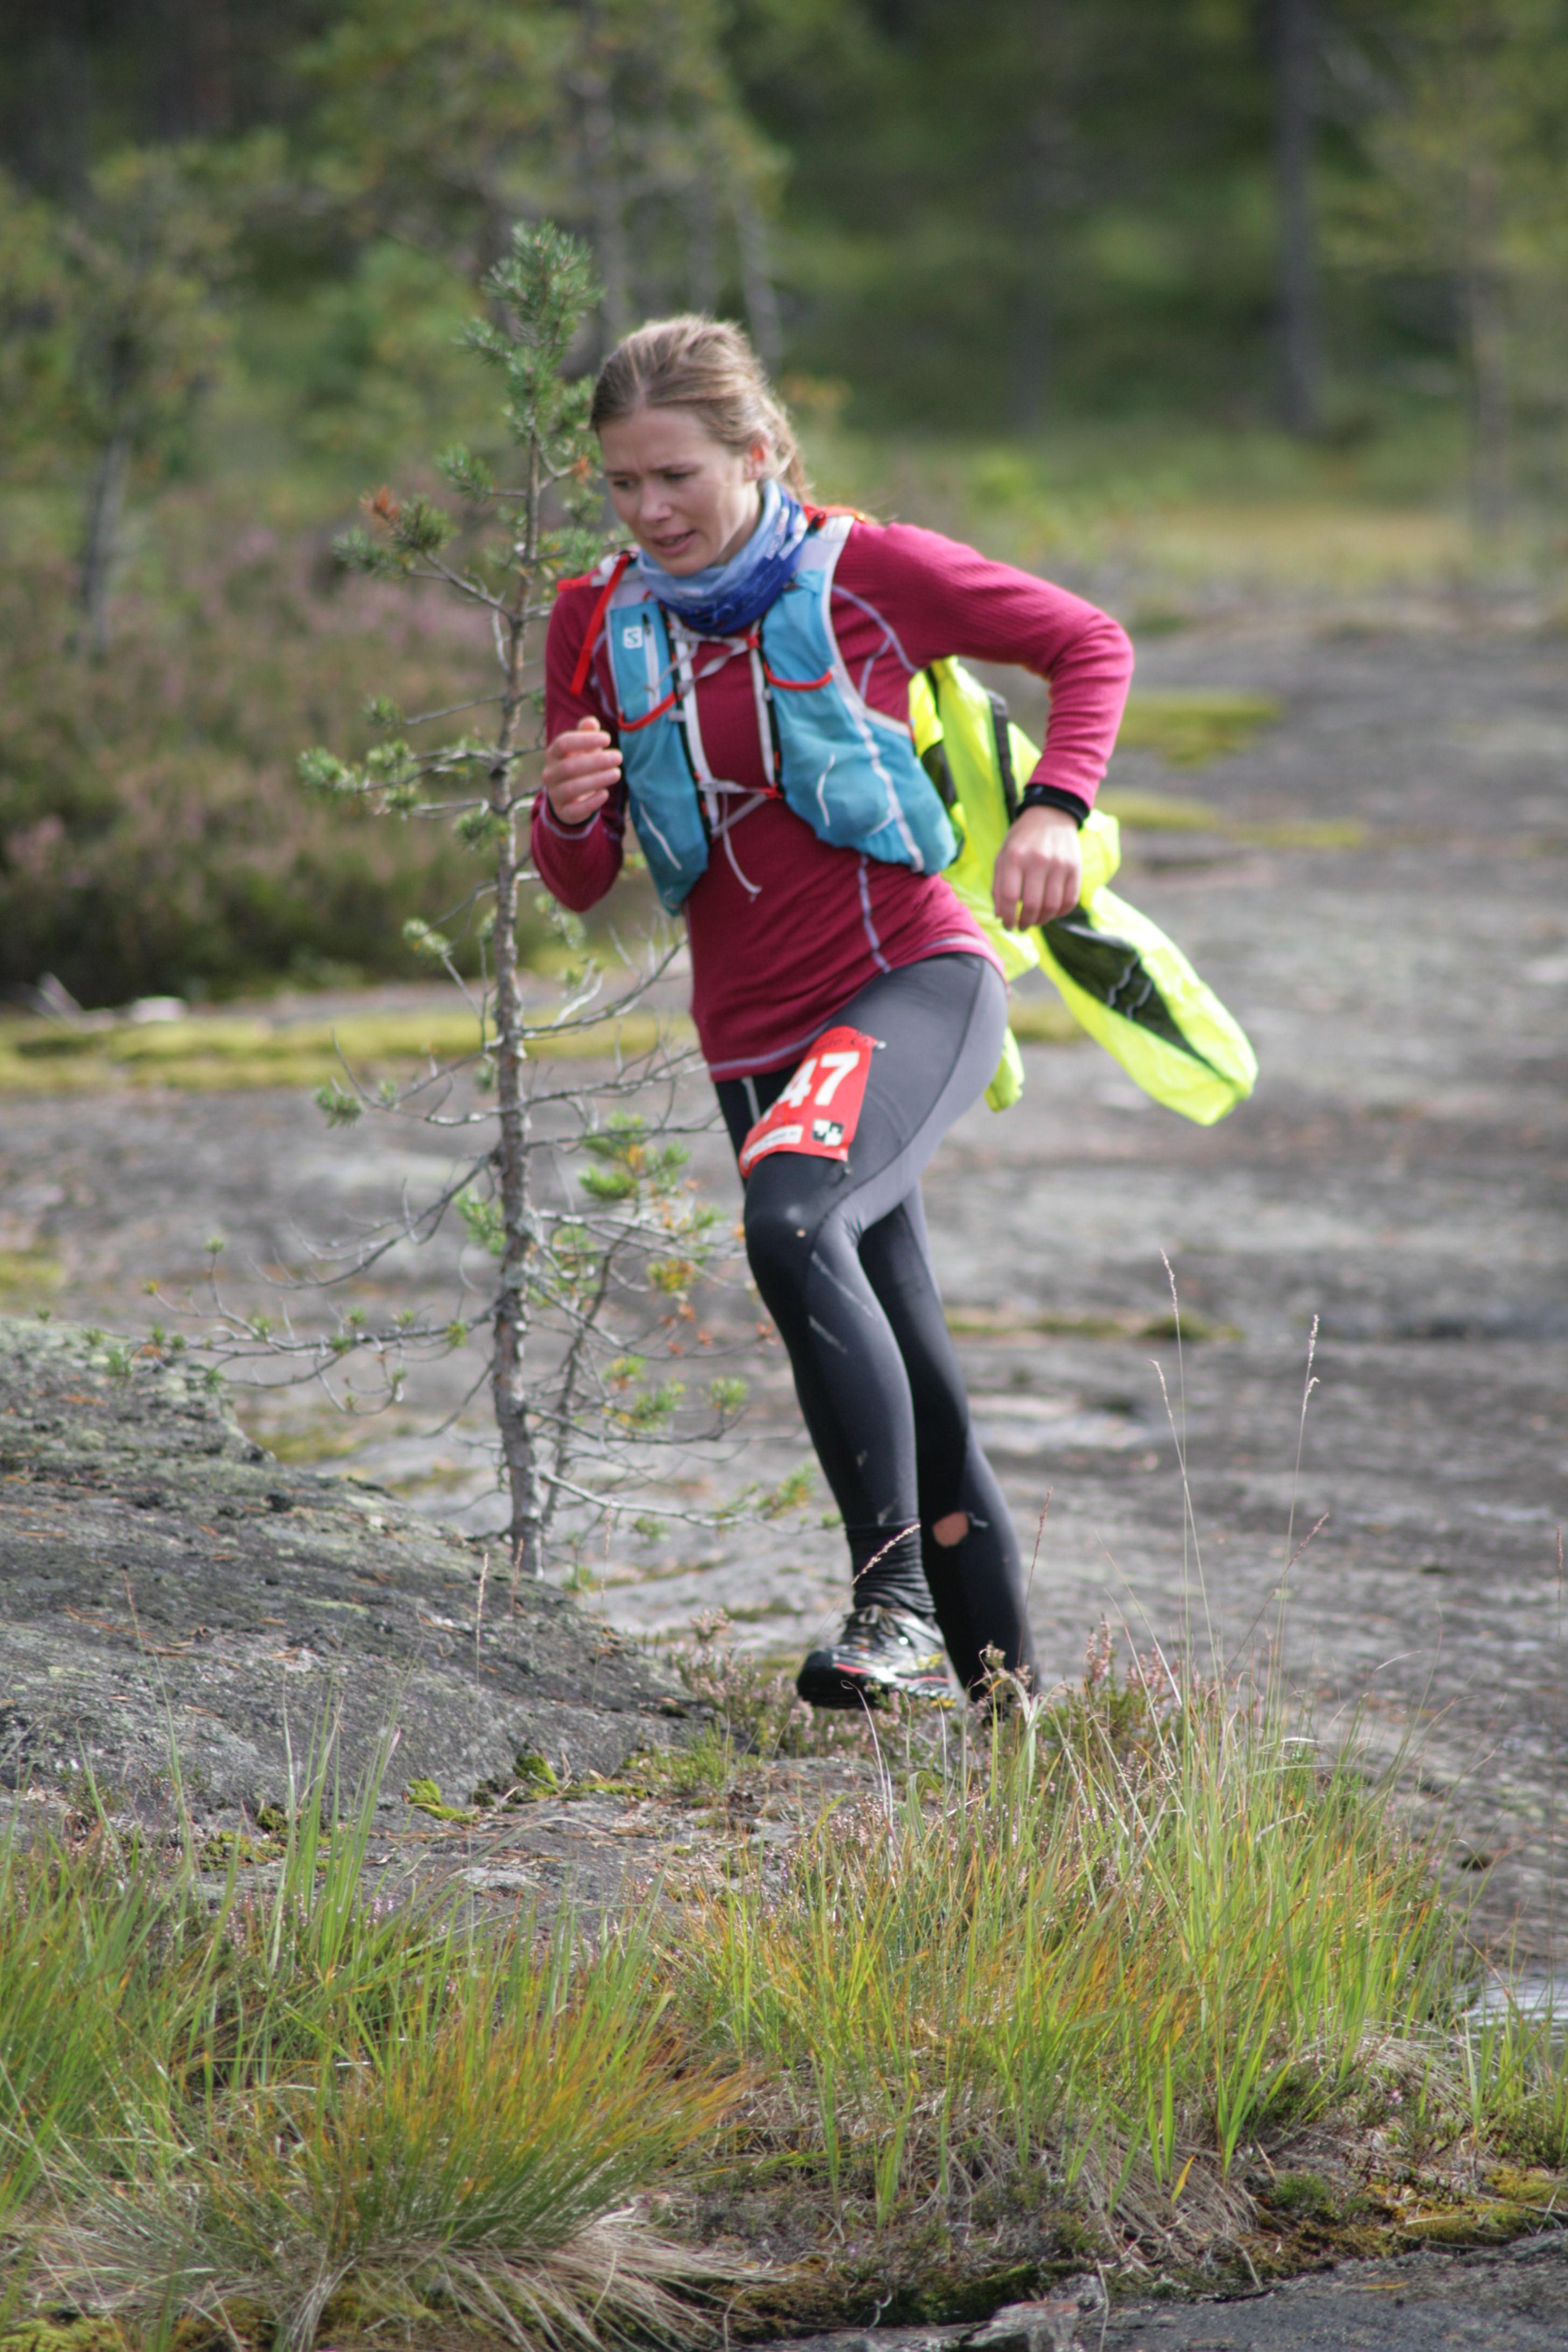 Vinner dame 82 km, SIlje Storevik Moe, Syril IL.jpg